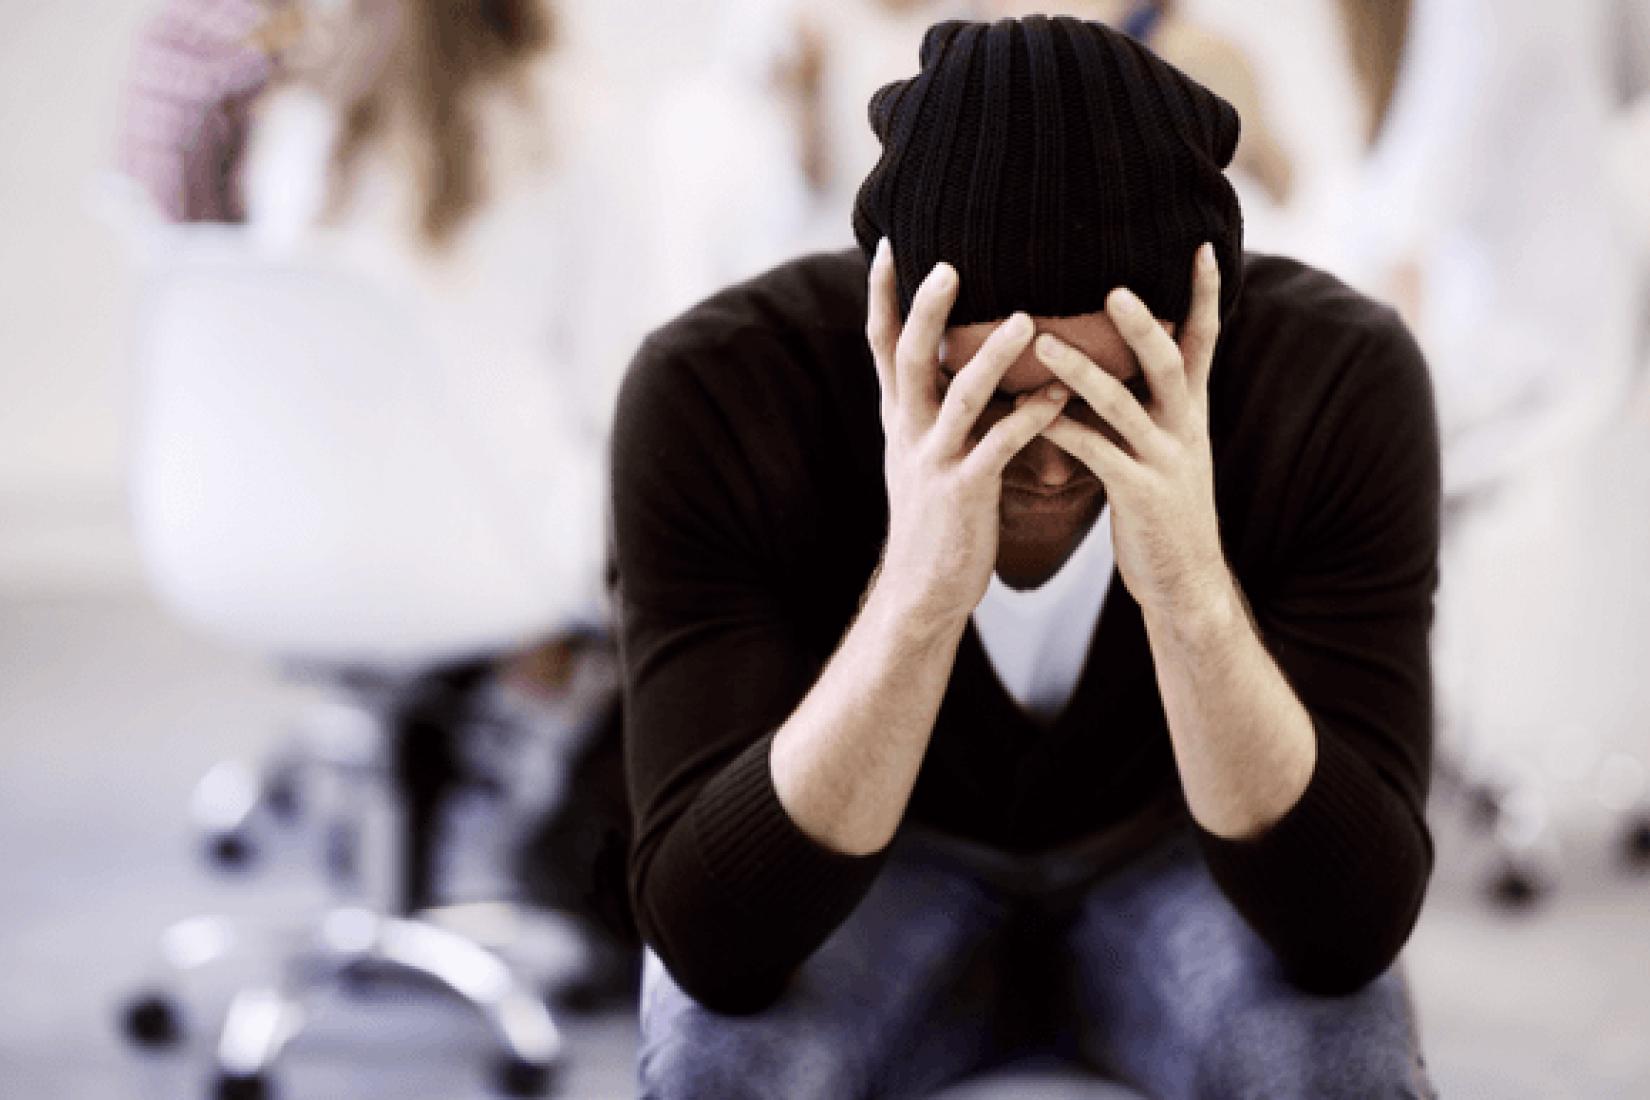 صورة أدعية للشفاء من مرض الاكتئاب